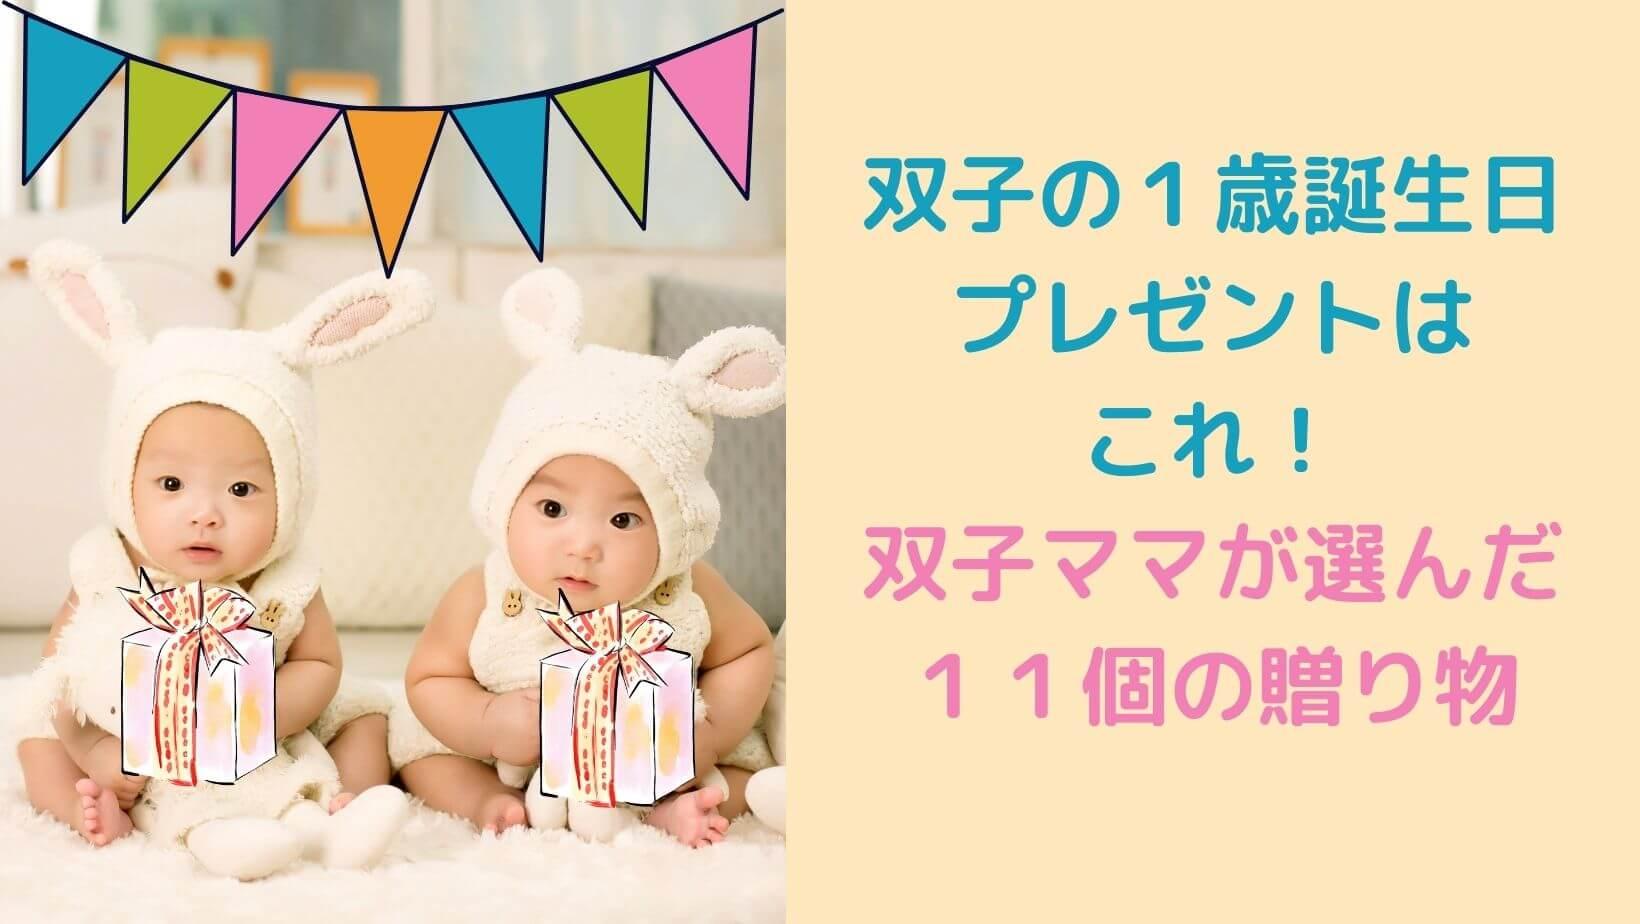 双子の1歳誕生日プレゼントは これ! 双子ママが選んだ11個の贈り物